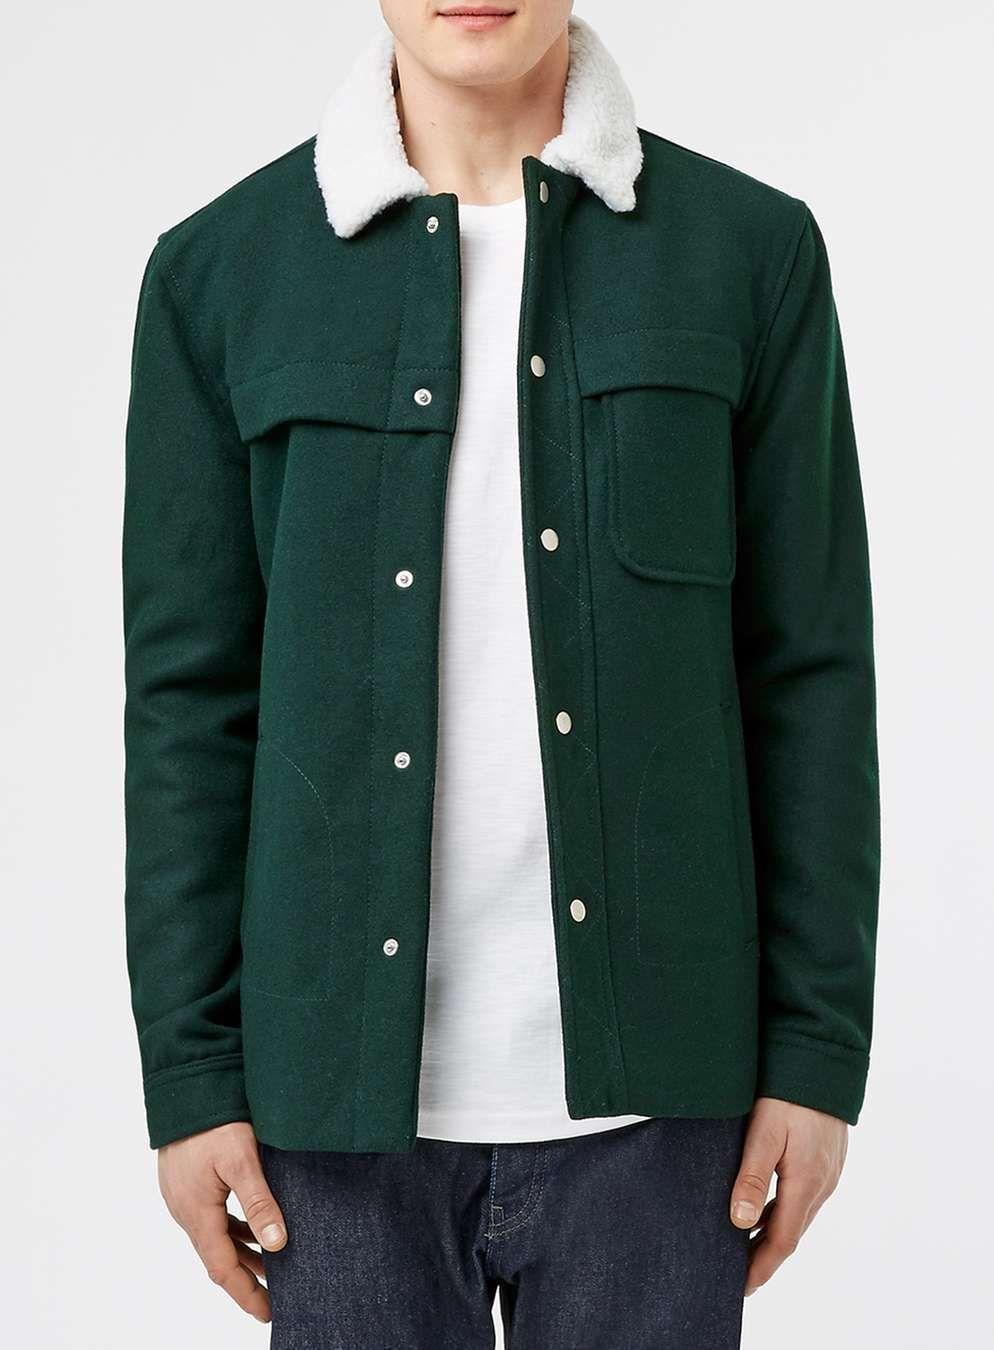 50ffc57bd6f5c Pardessus en laine mélangée vert bouteille - Vestes   Manteaux Homme -  Vêtements - TOPMAN FRANCE